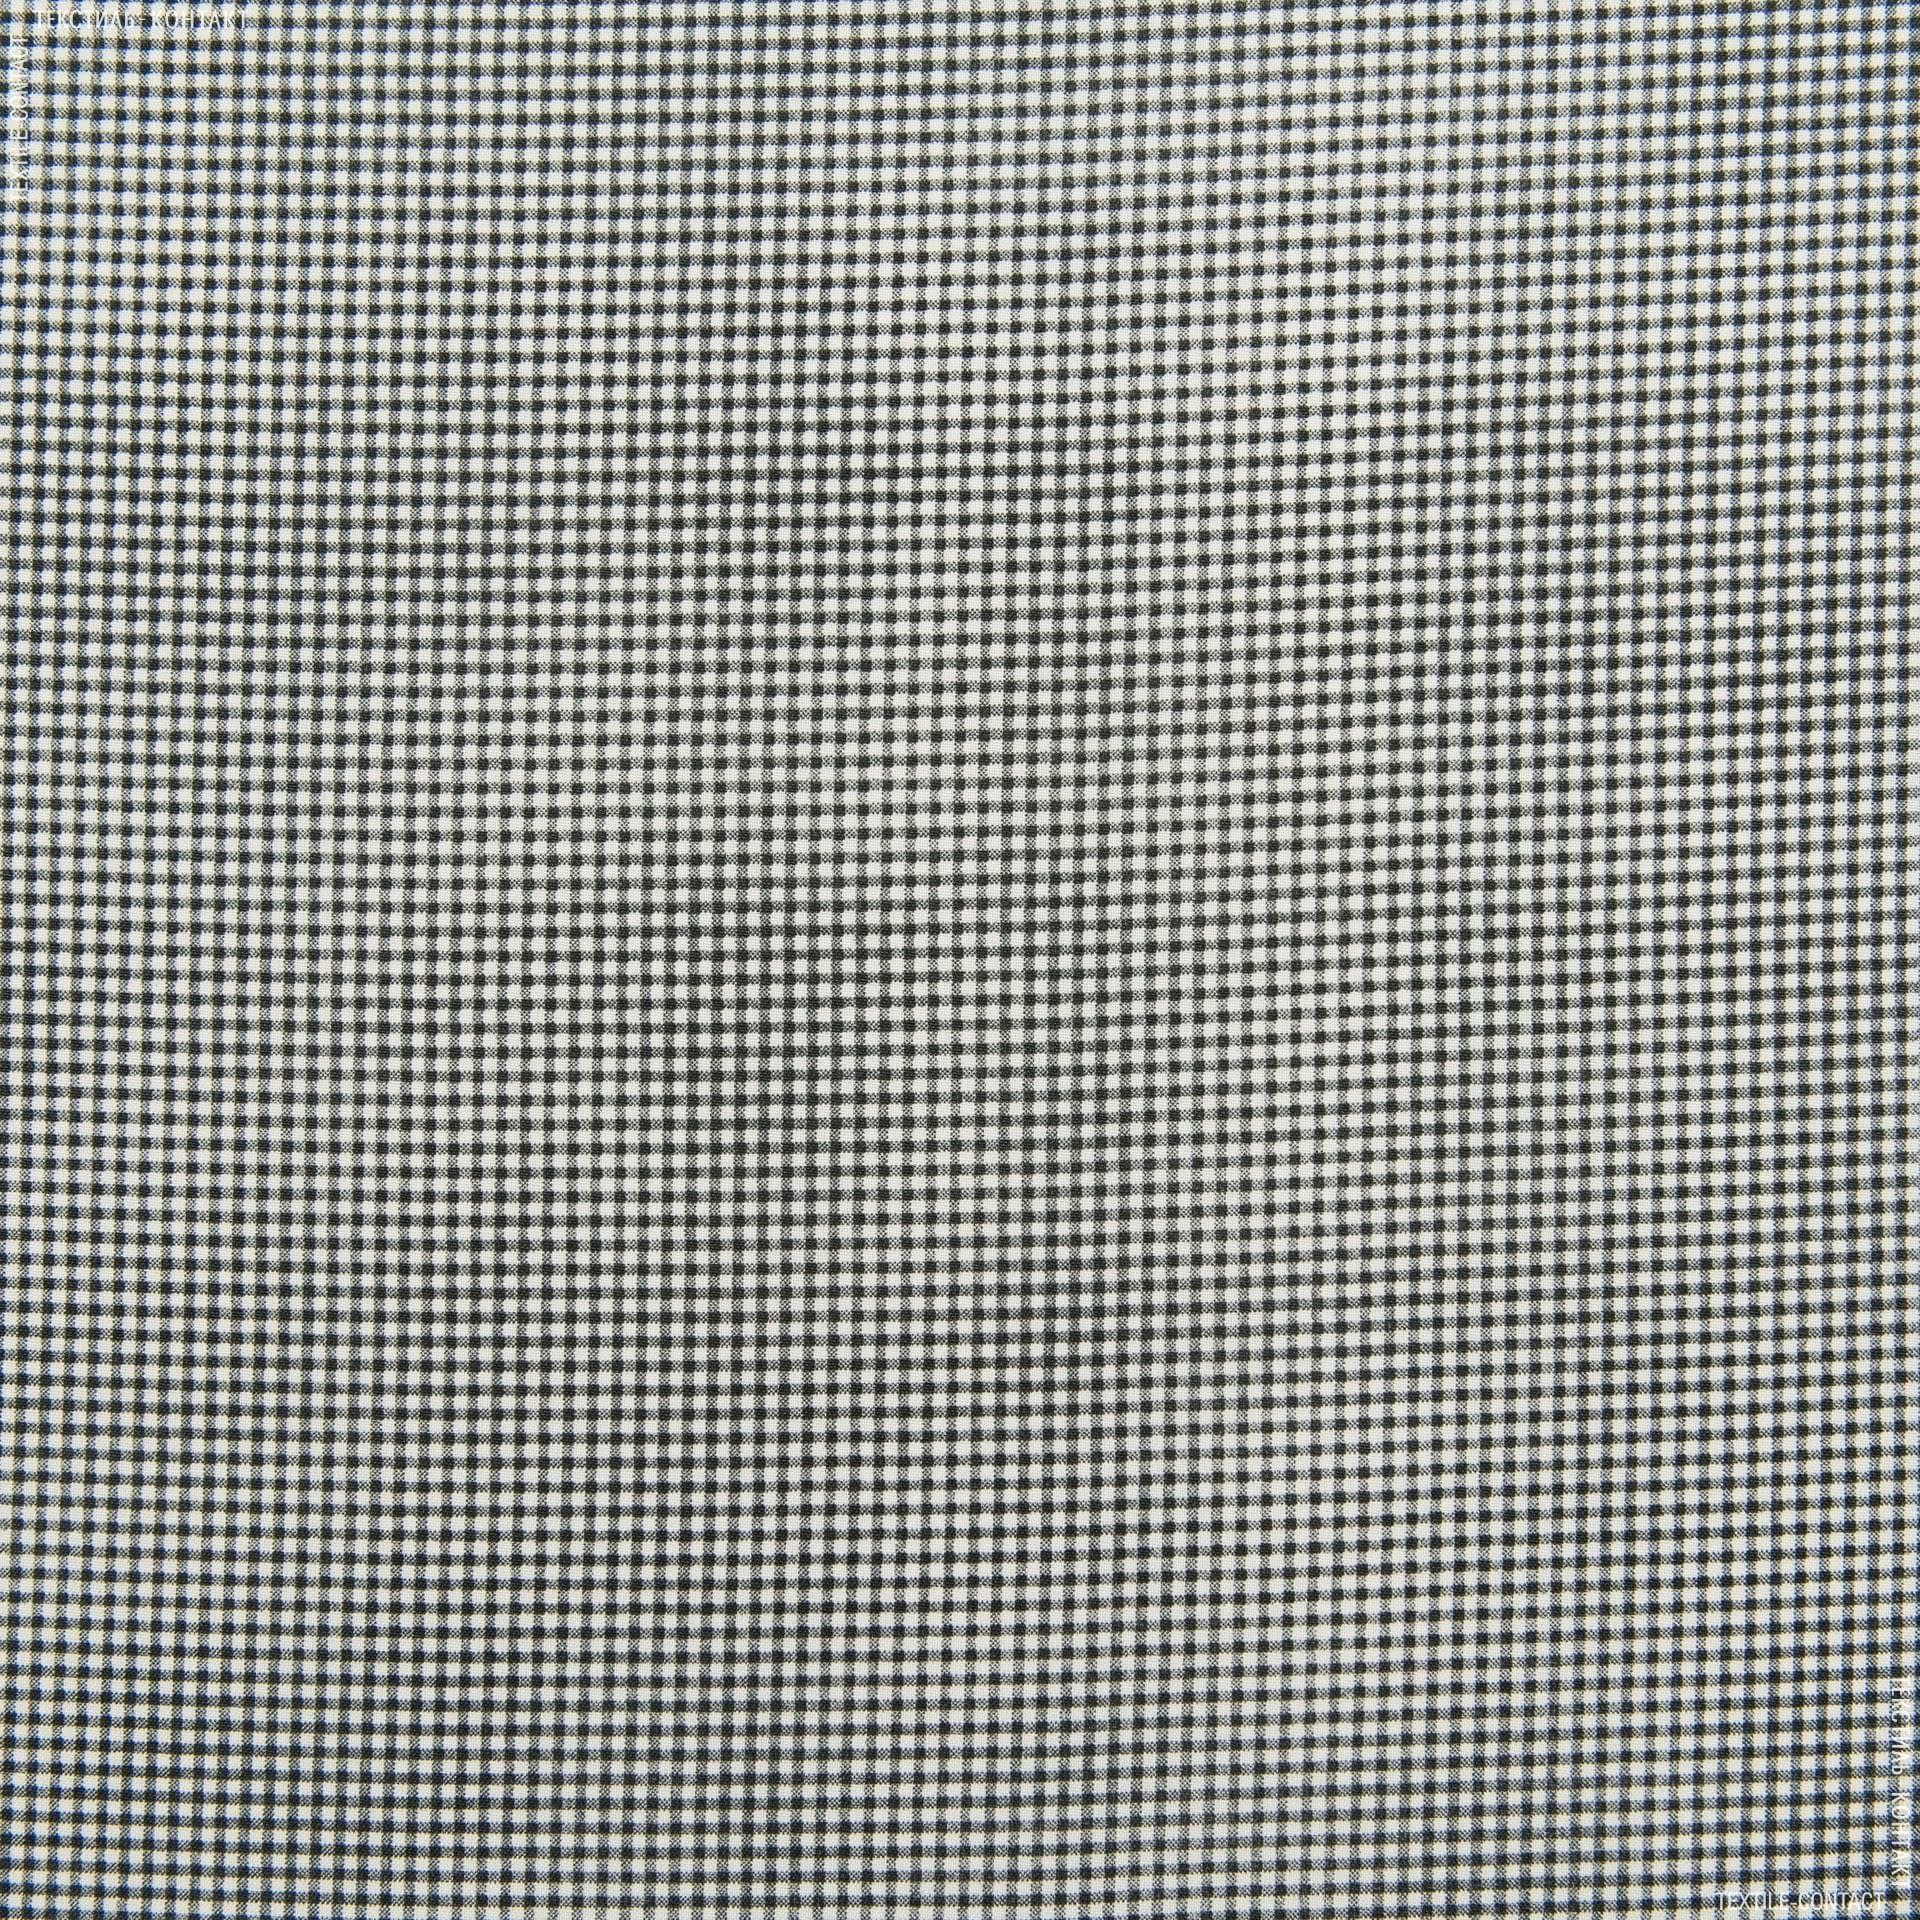 Тканини для спецодягу - Габардин у клітинку